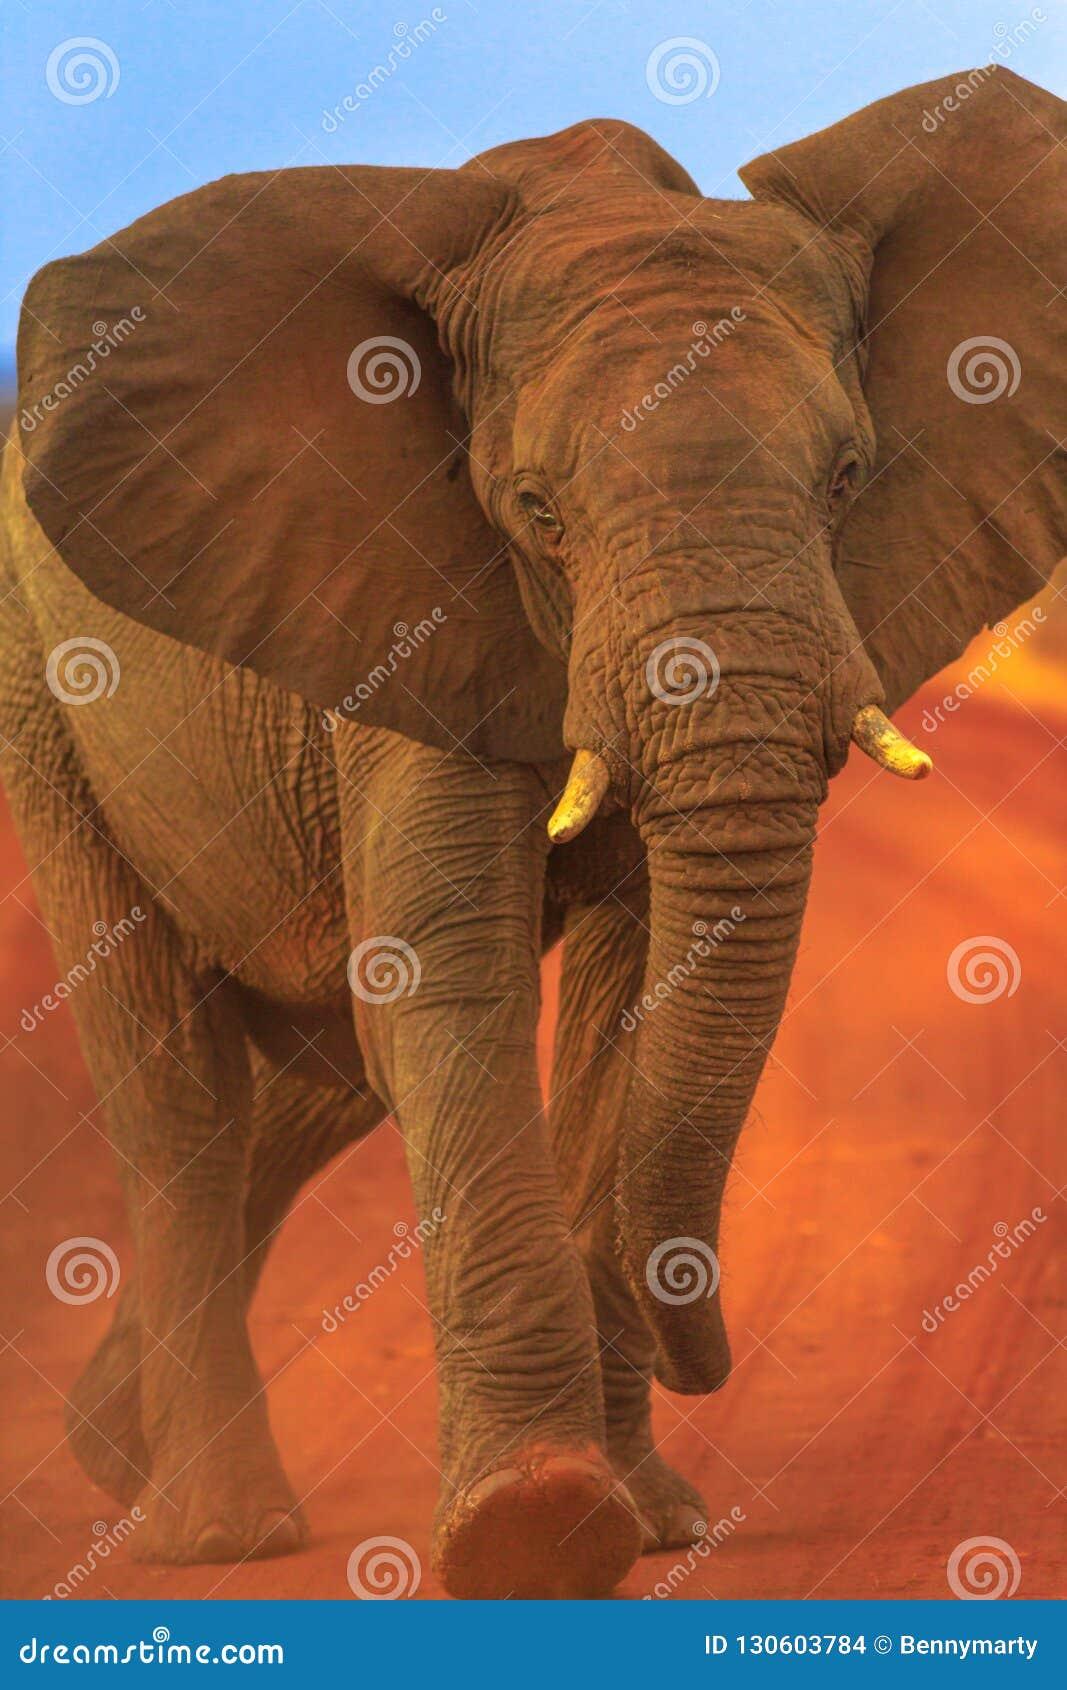 African Elephant on red desert